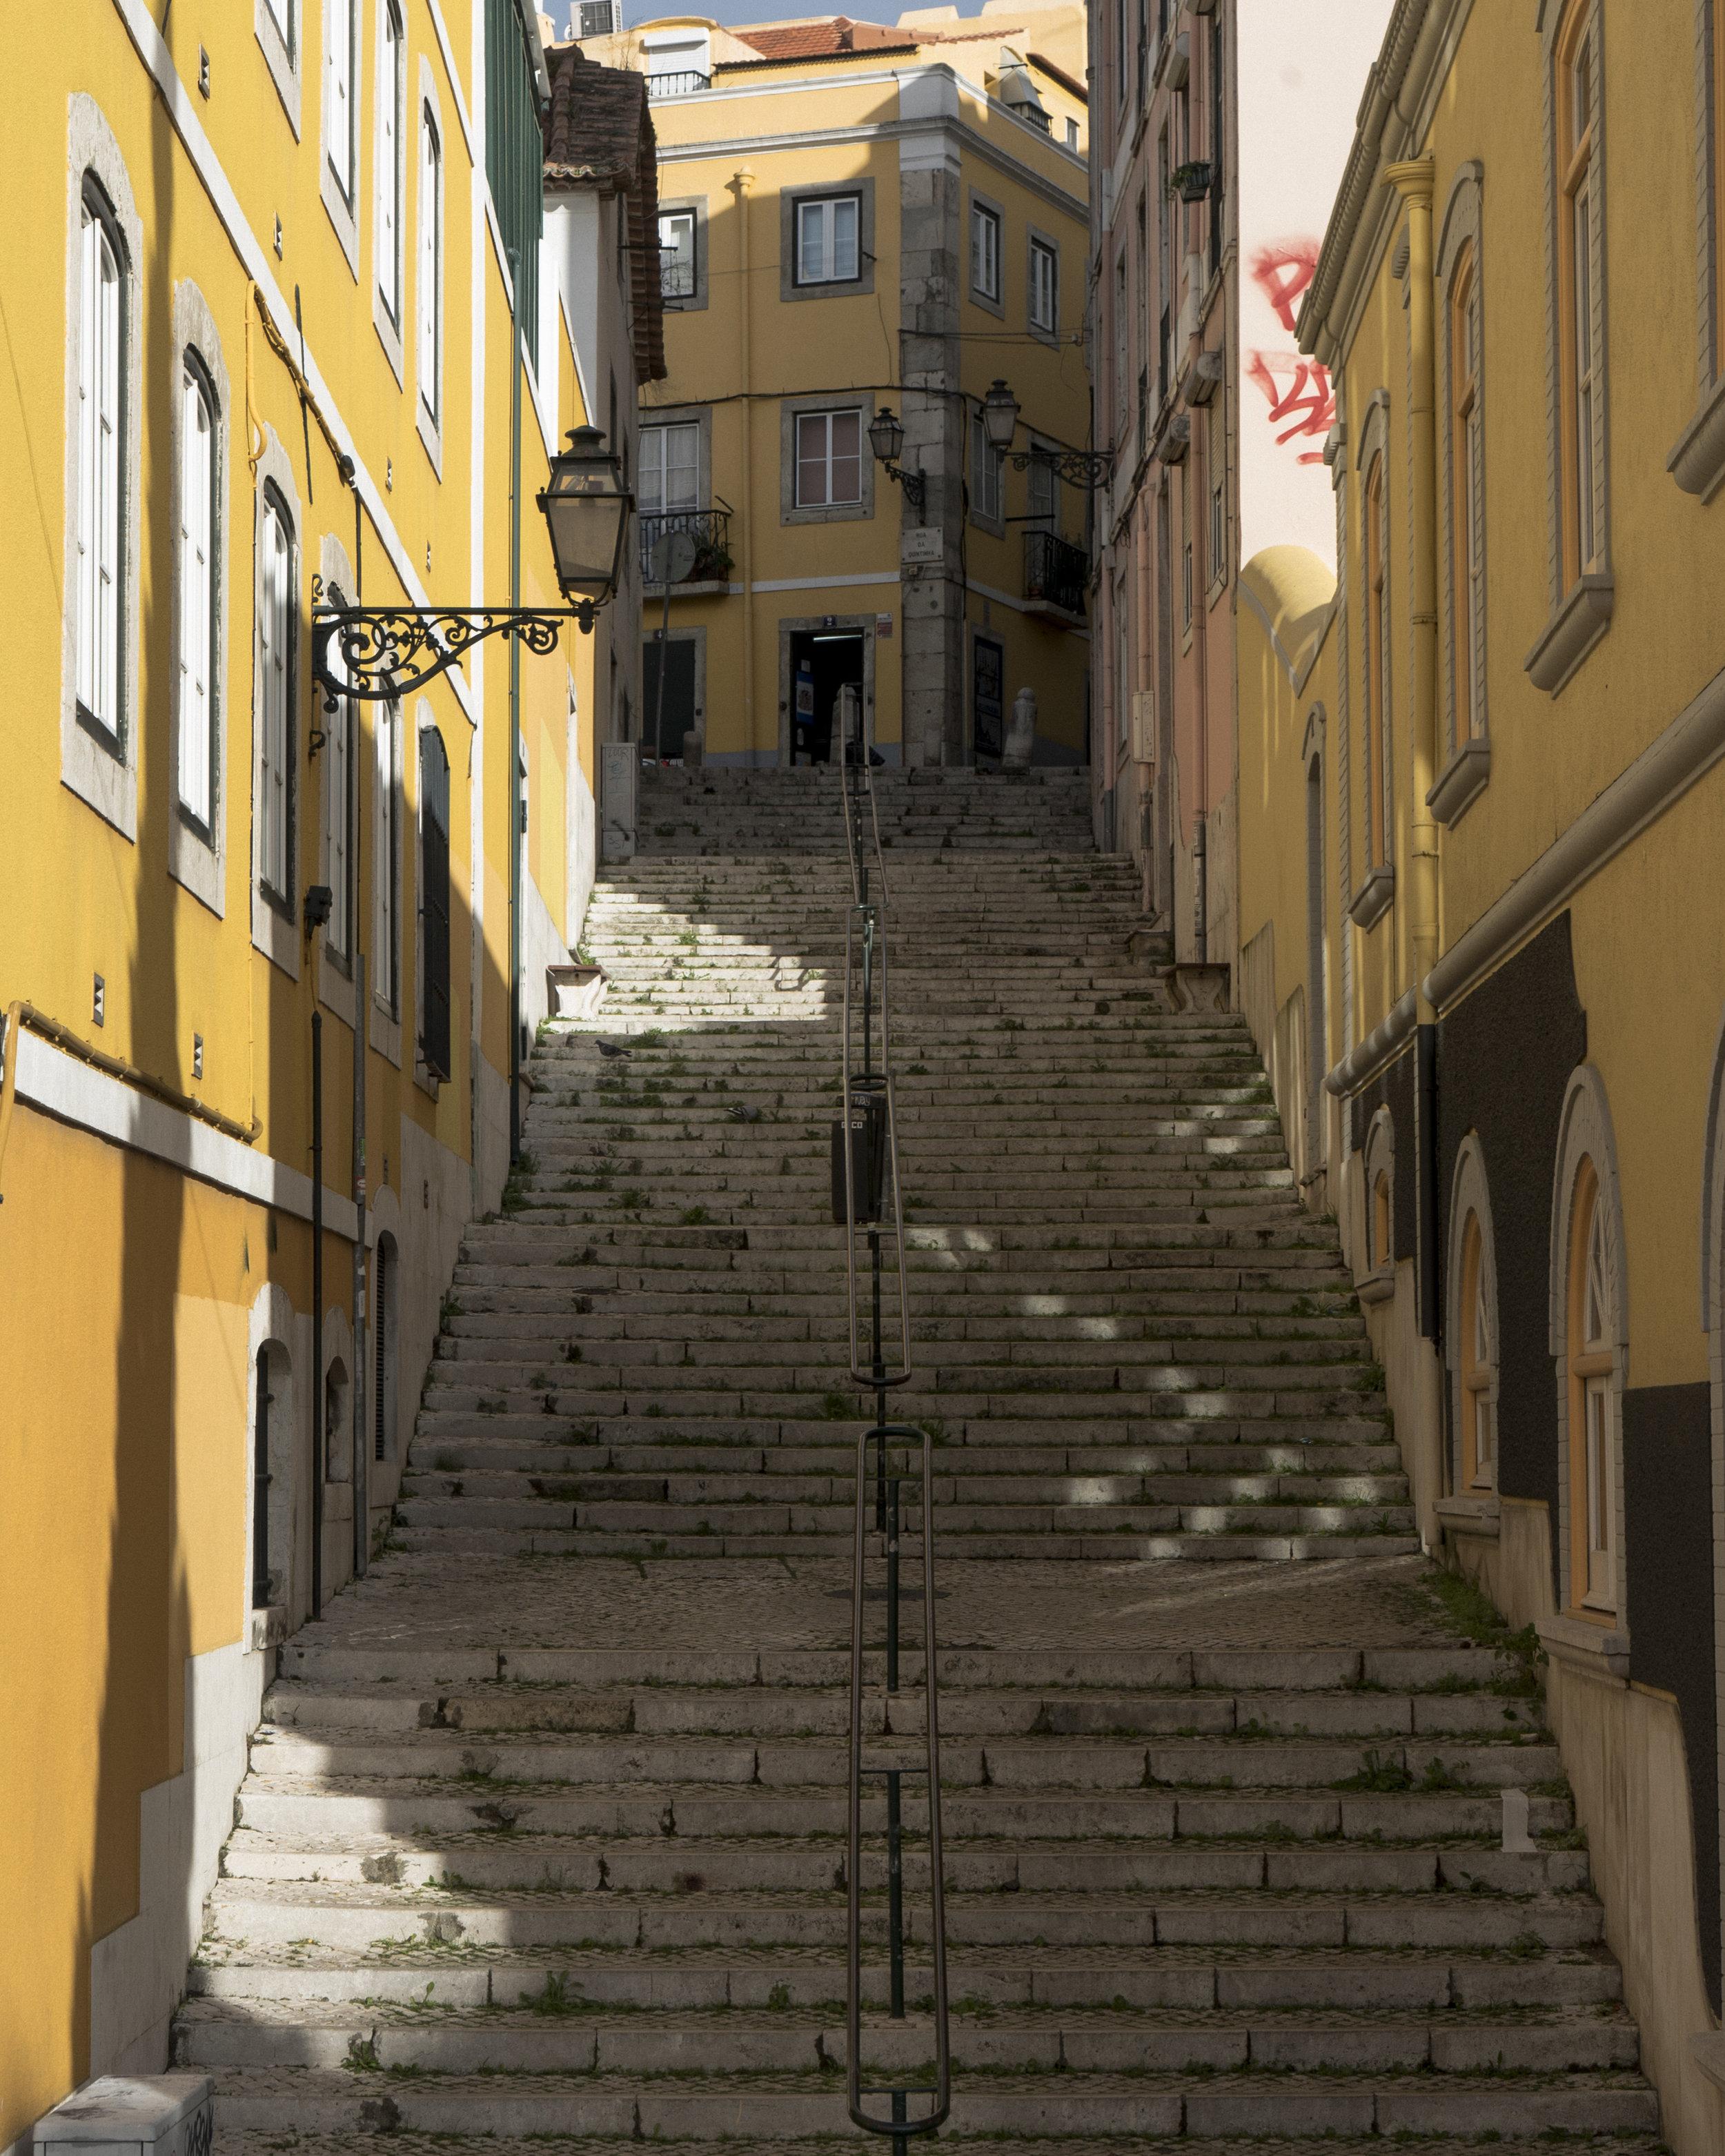 LisbonStairs.jpg